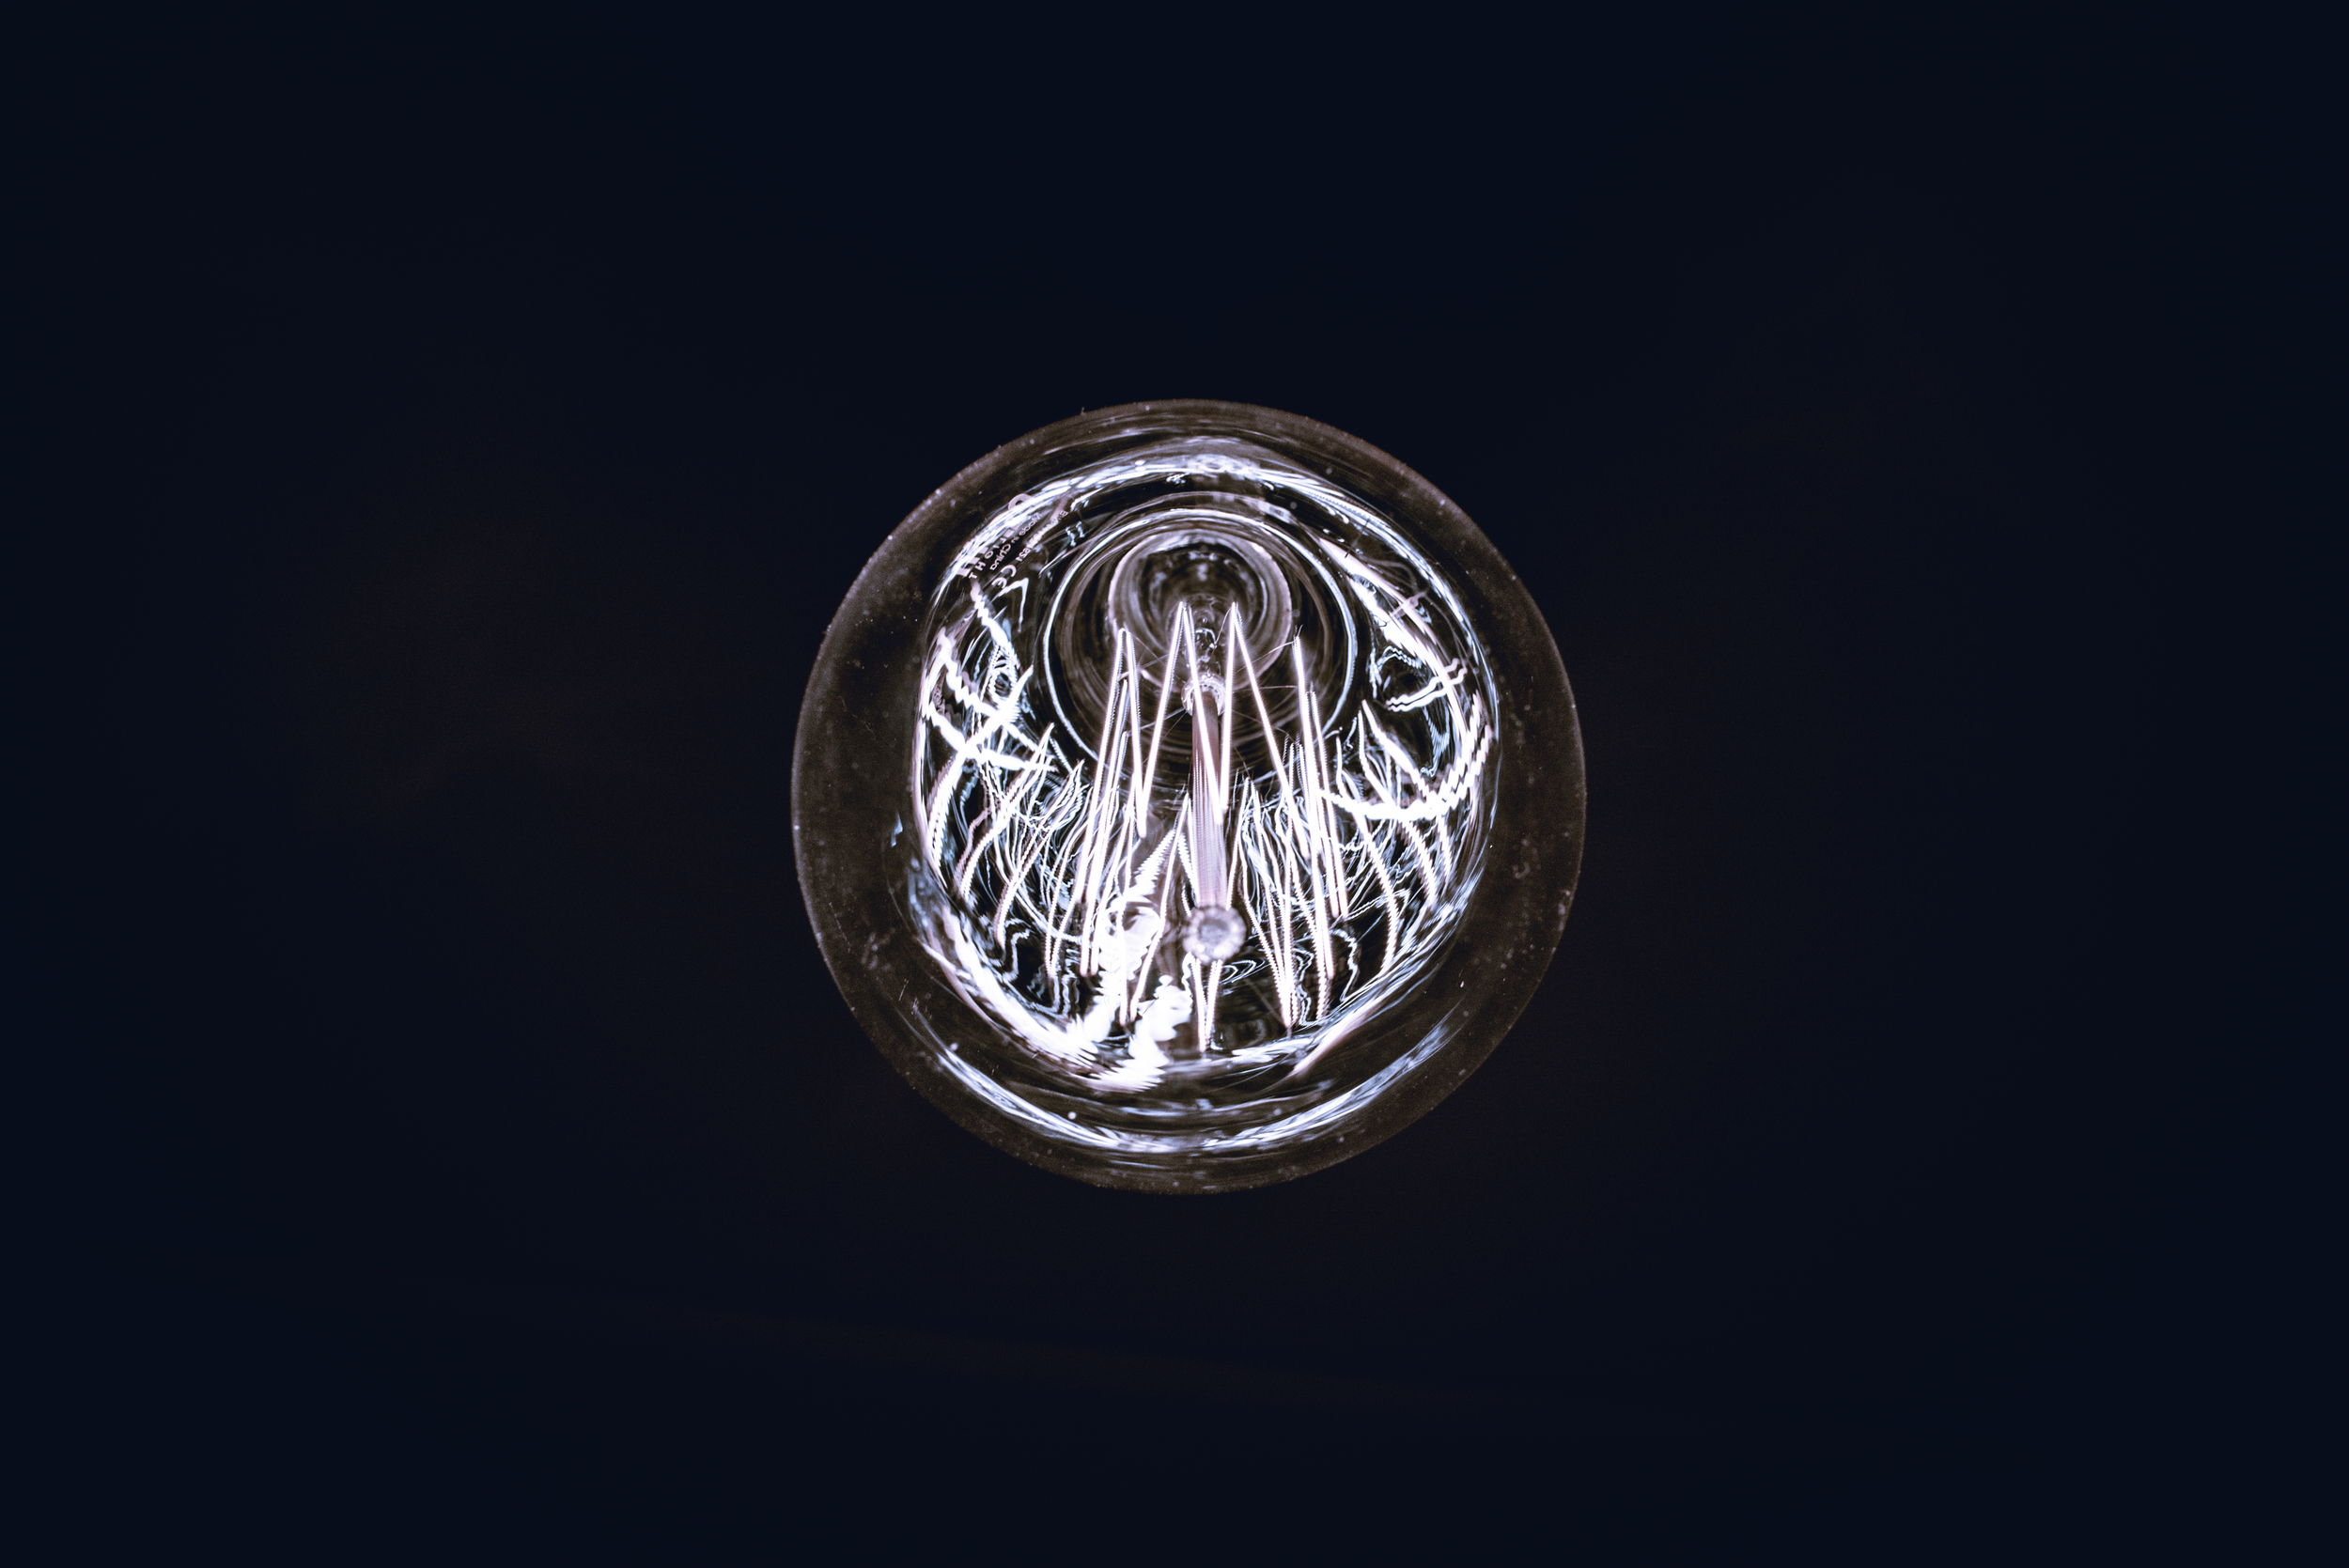 Clas Ohlson lamp, Stockholm, Sweden